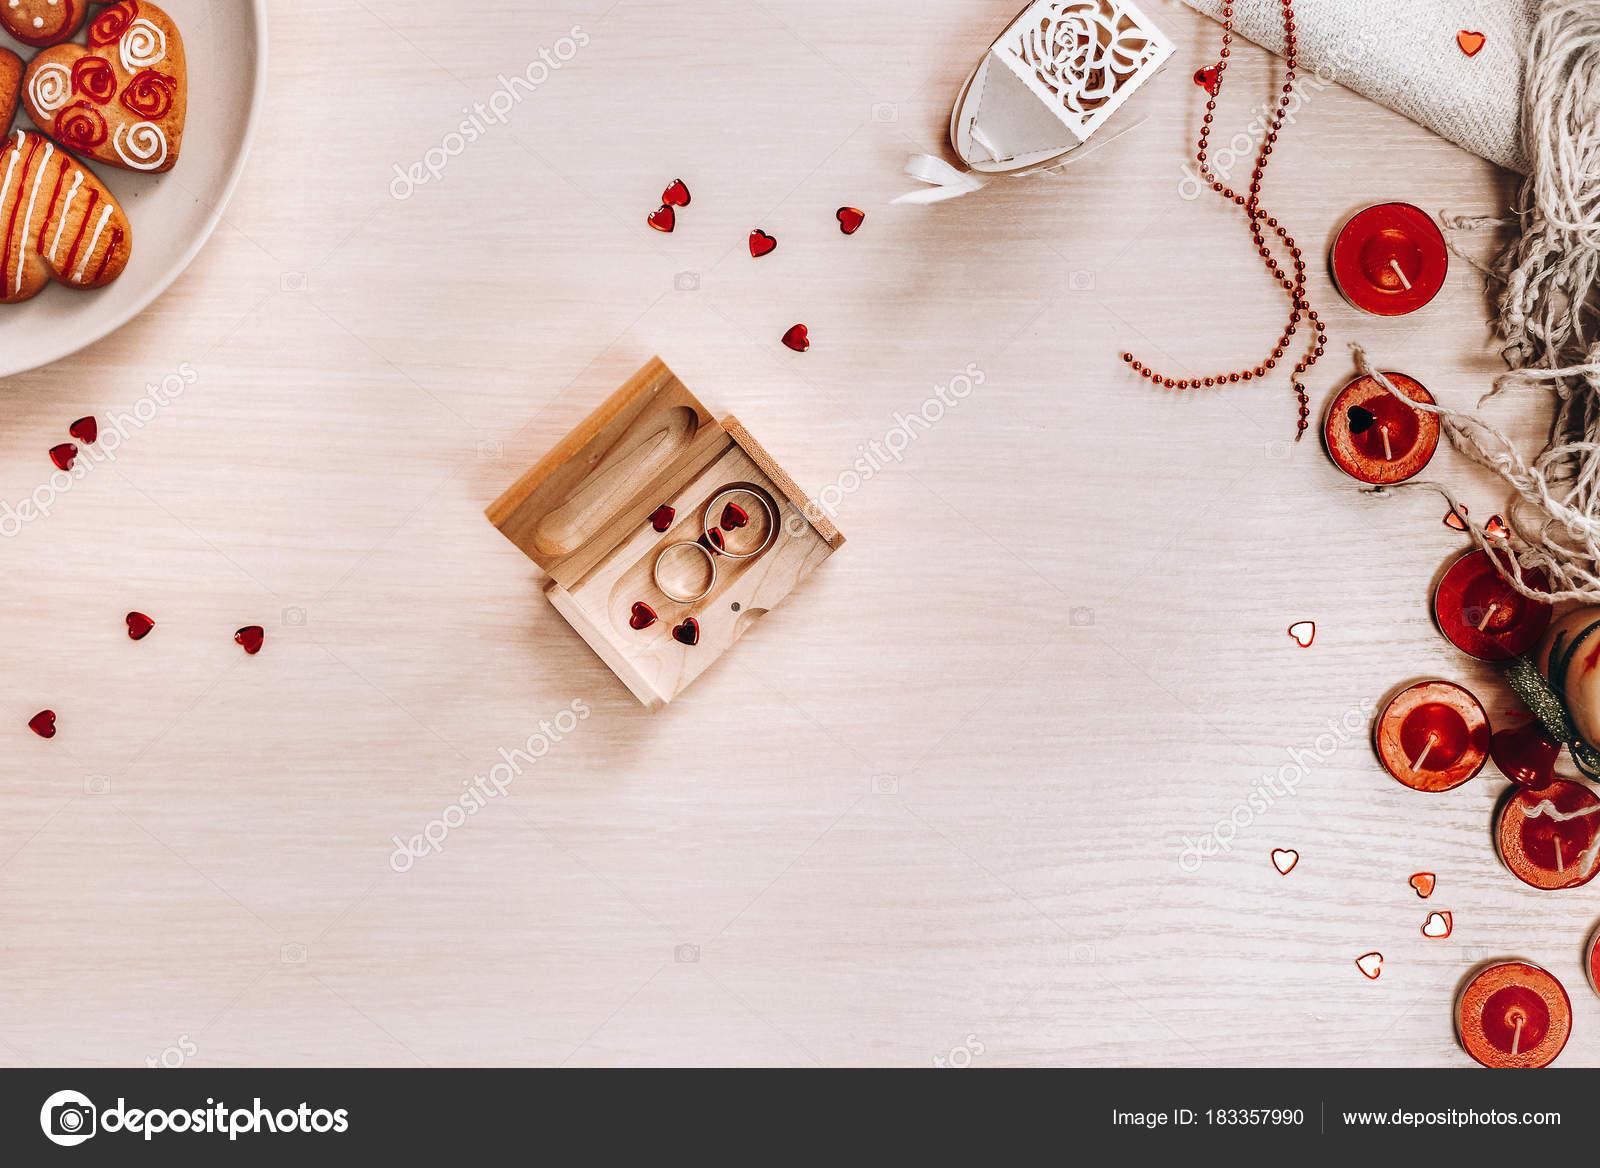 Komposition Mit Verzierten Herz Geformt Cookies Kerzen